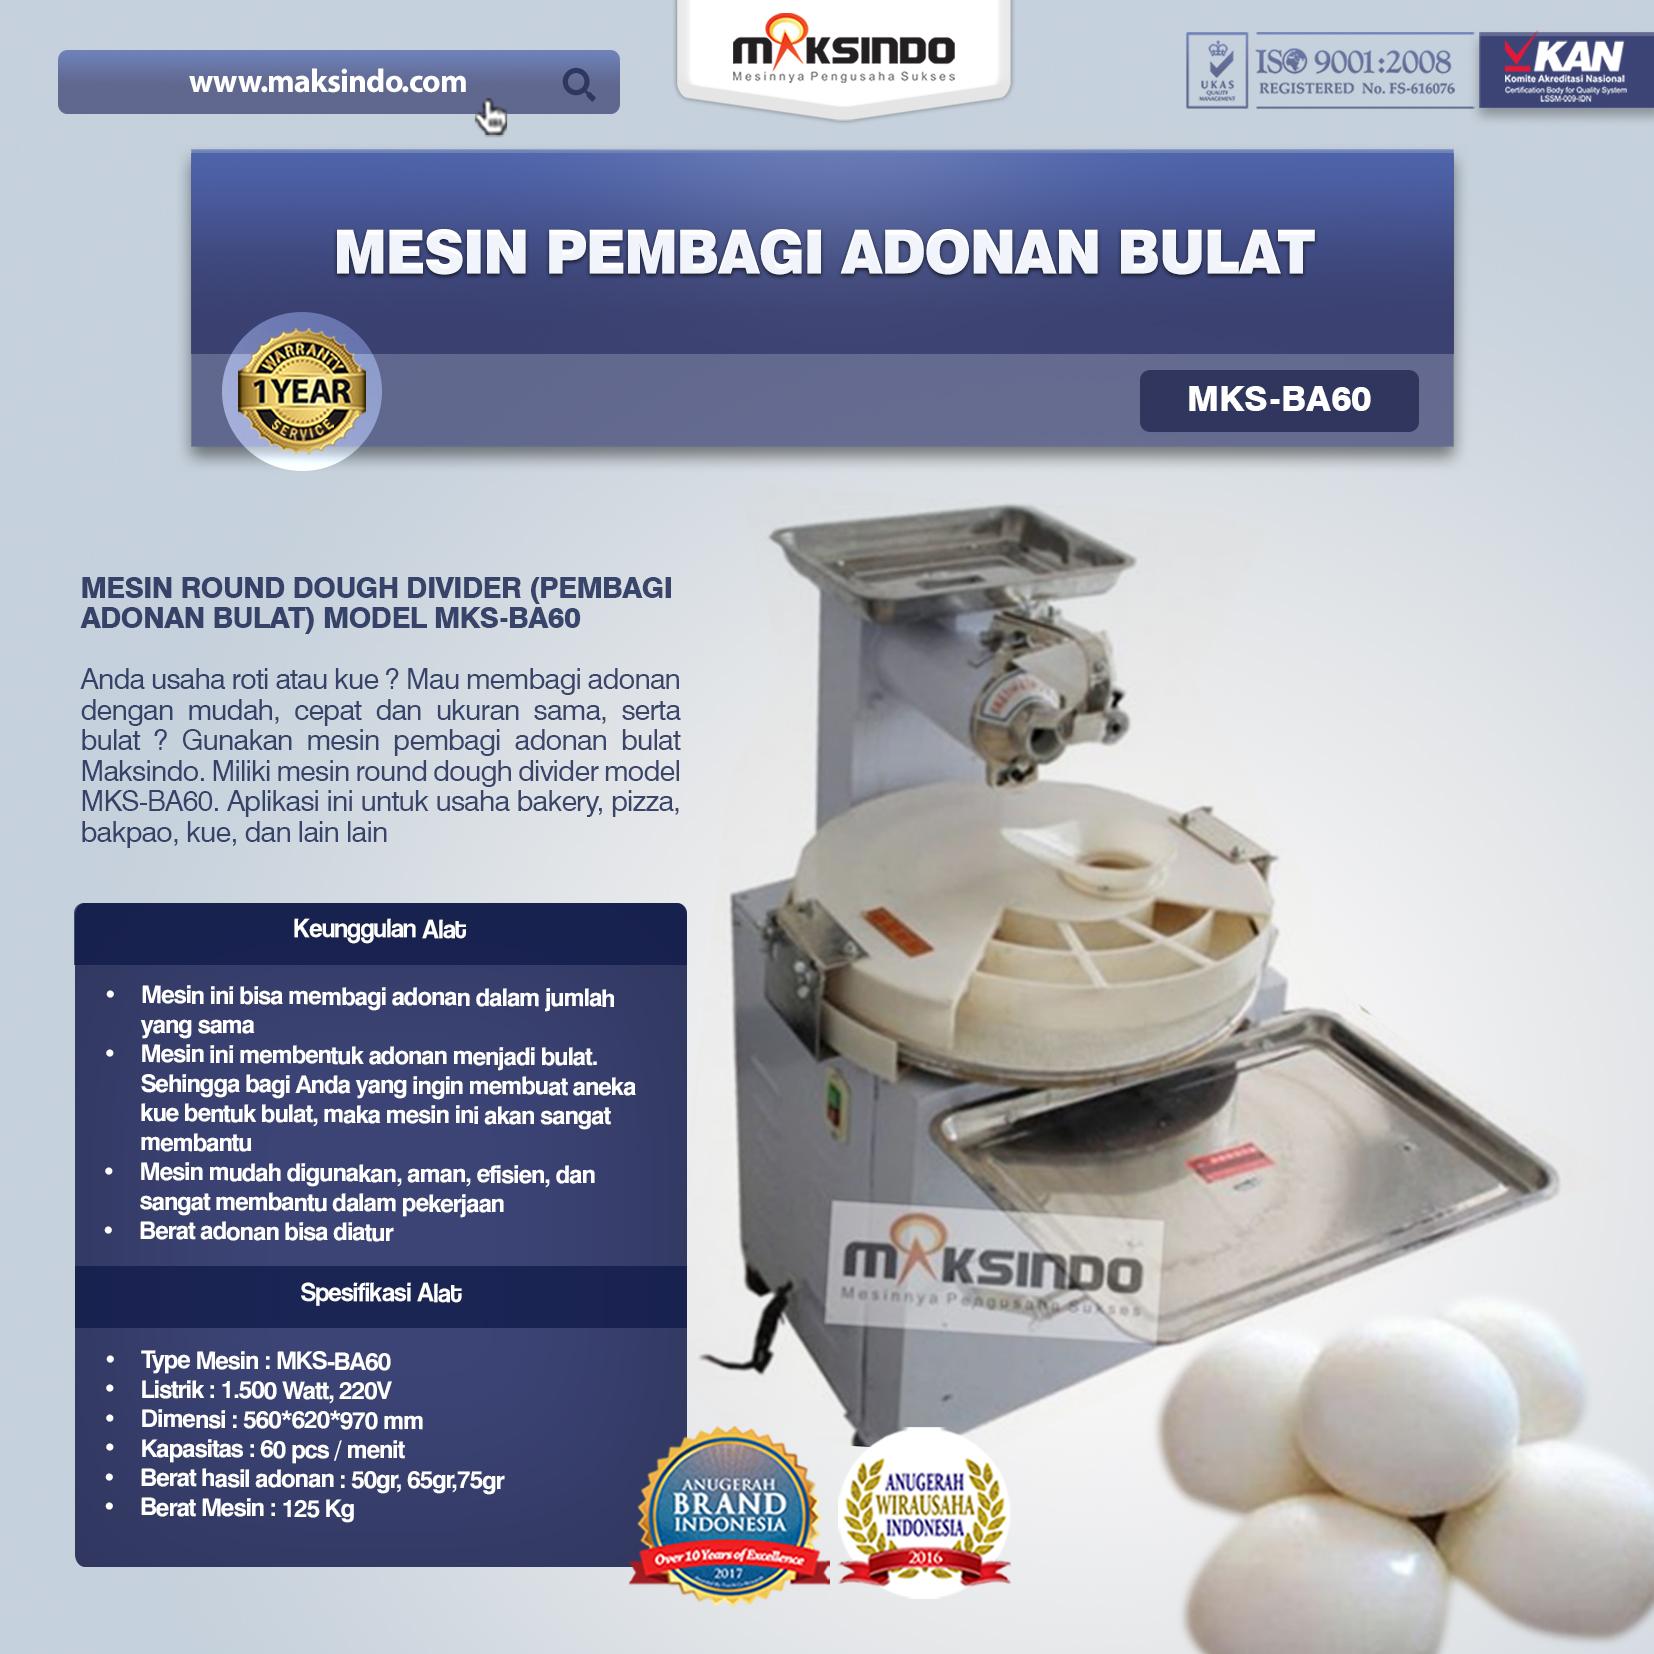 Jual Mesin Pembagi Adonan Bulat (MKS-BA60) di Bogor